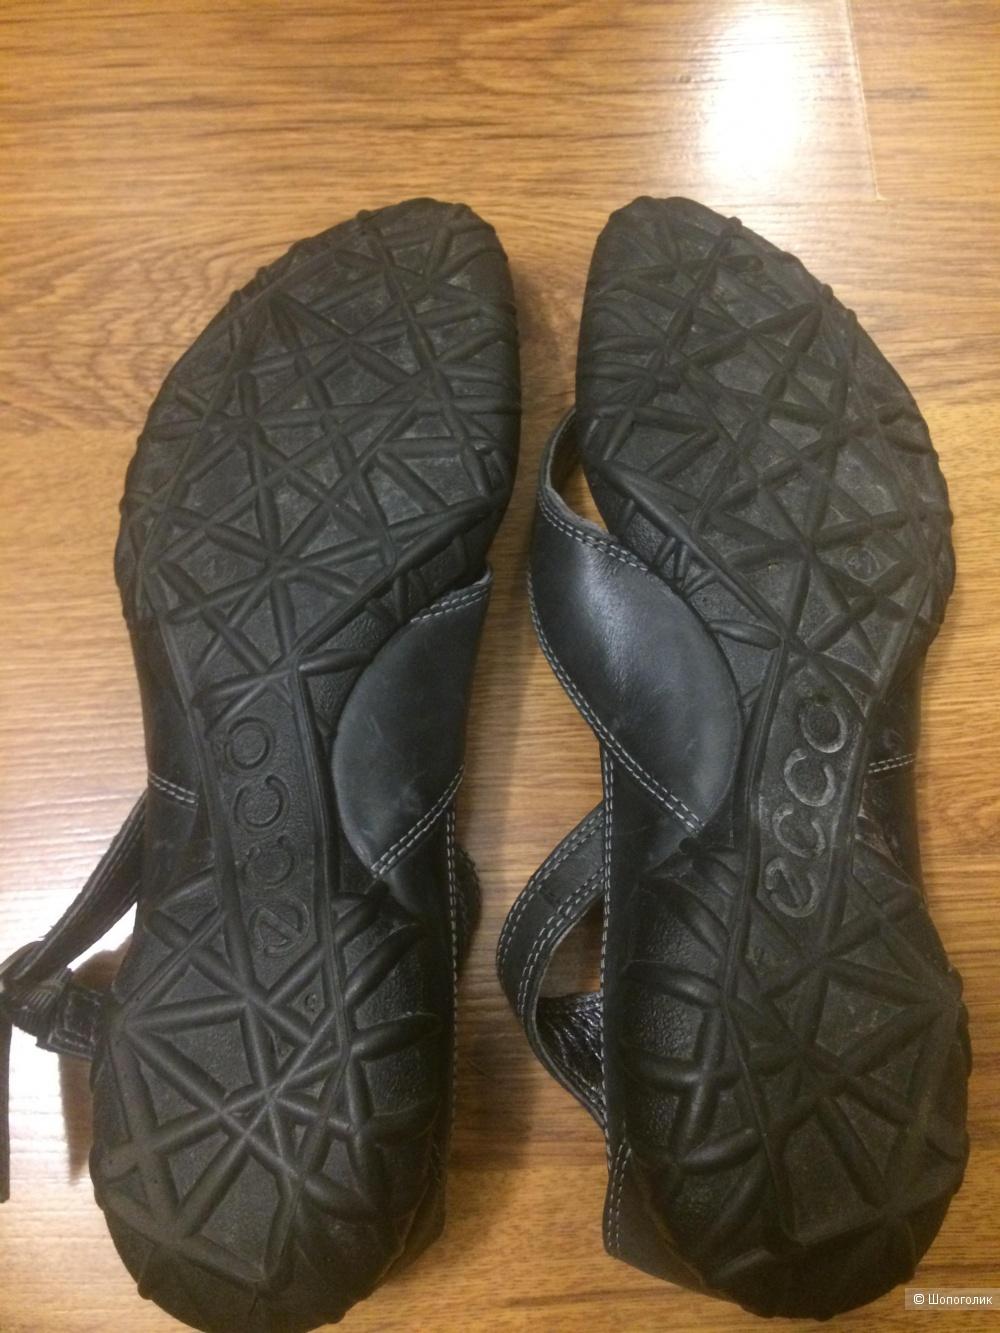 Босоножки сандалии Экко Ecco. Размер 41, по стельке 27 см.